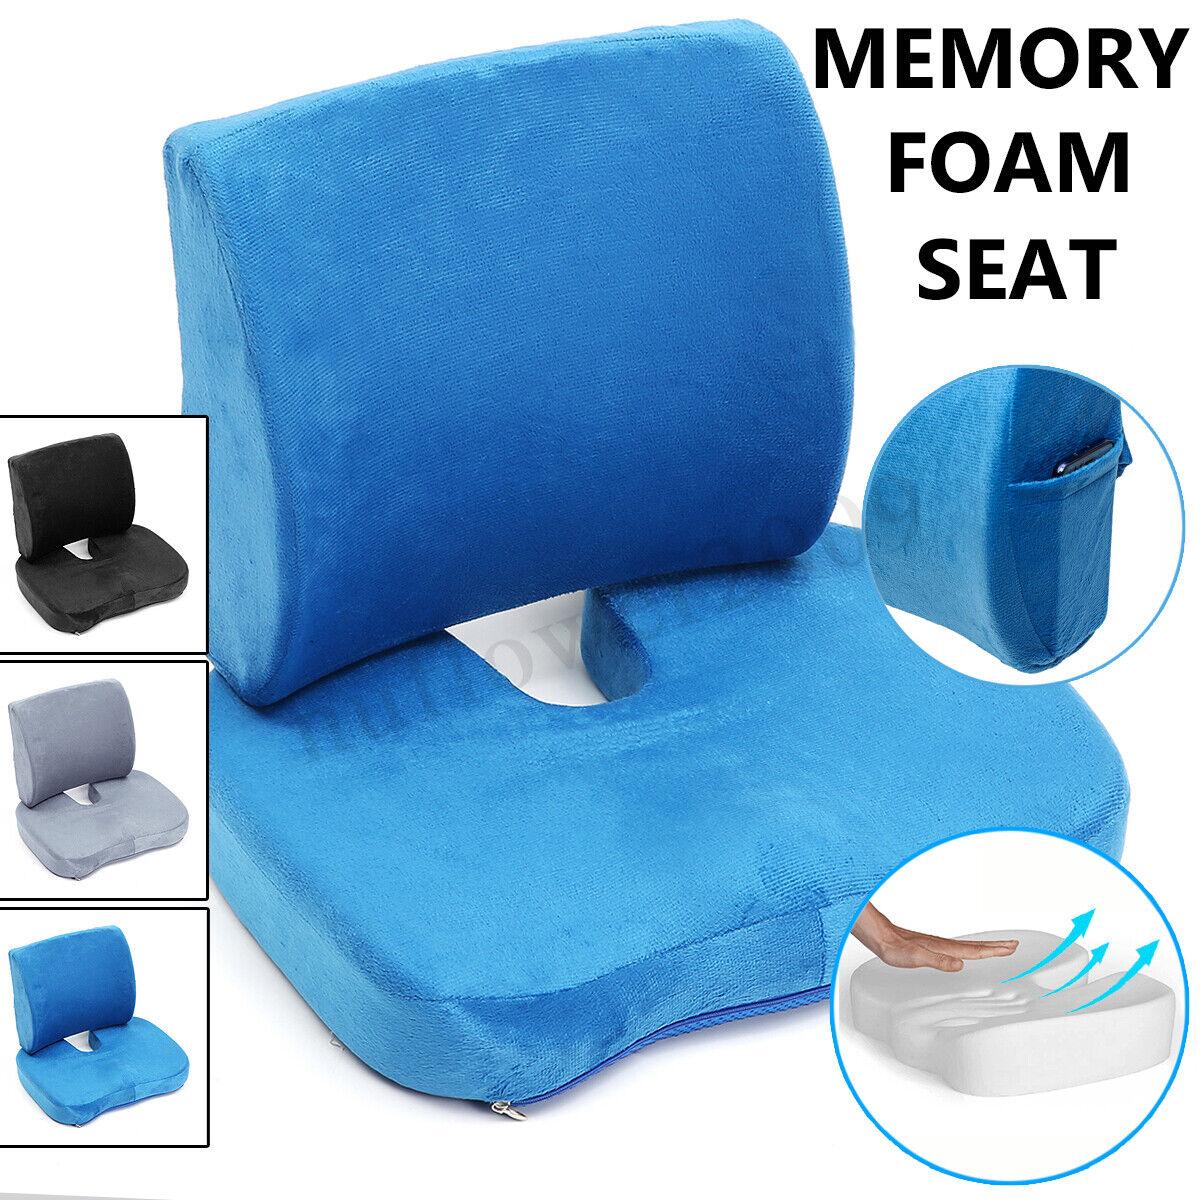 Lumbar Support Pillow Seat Chair Back Cushion Memory Foam Er